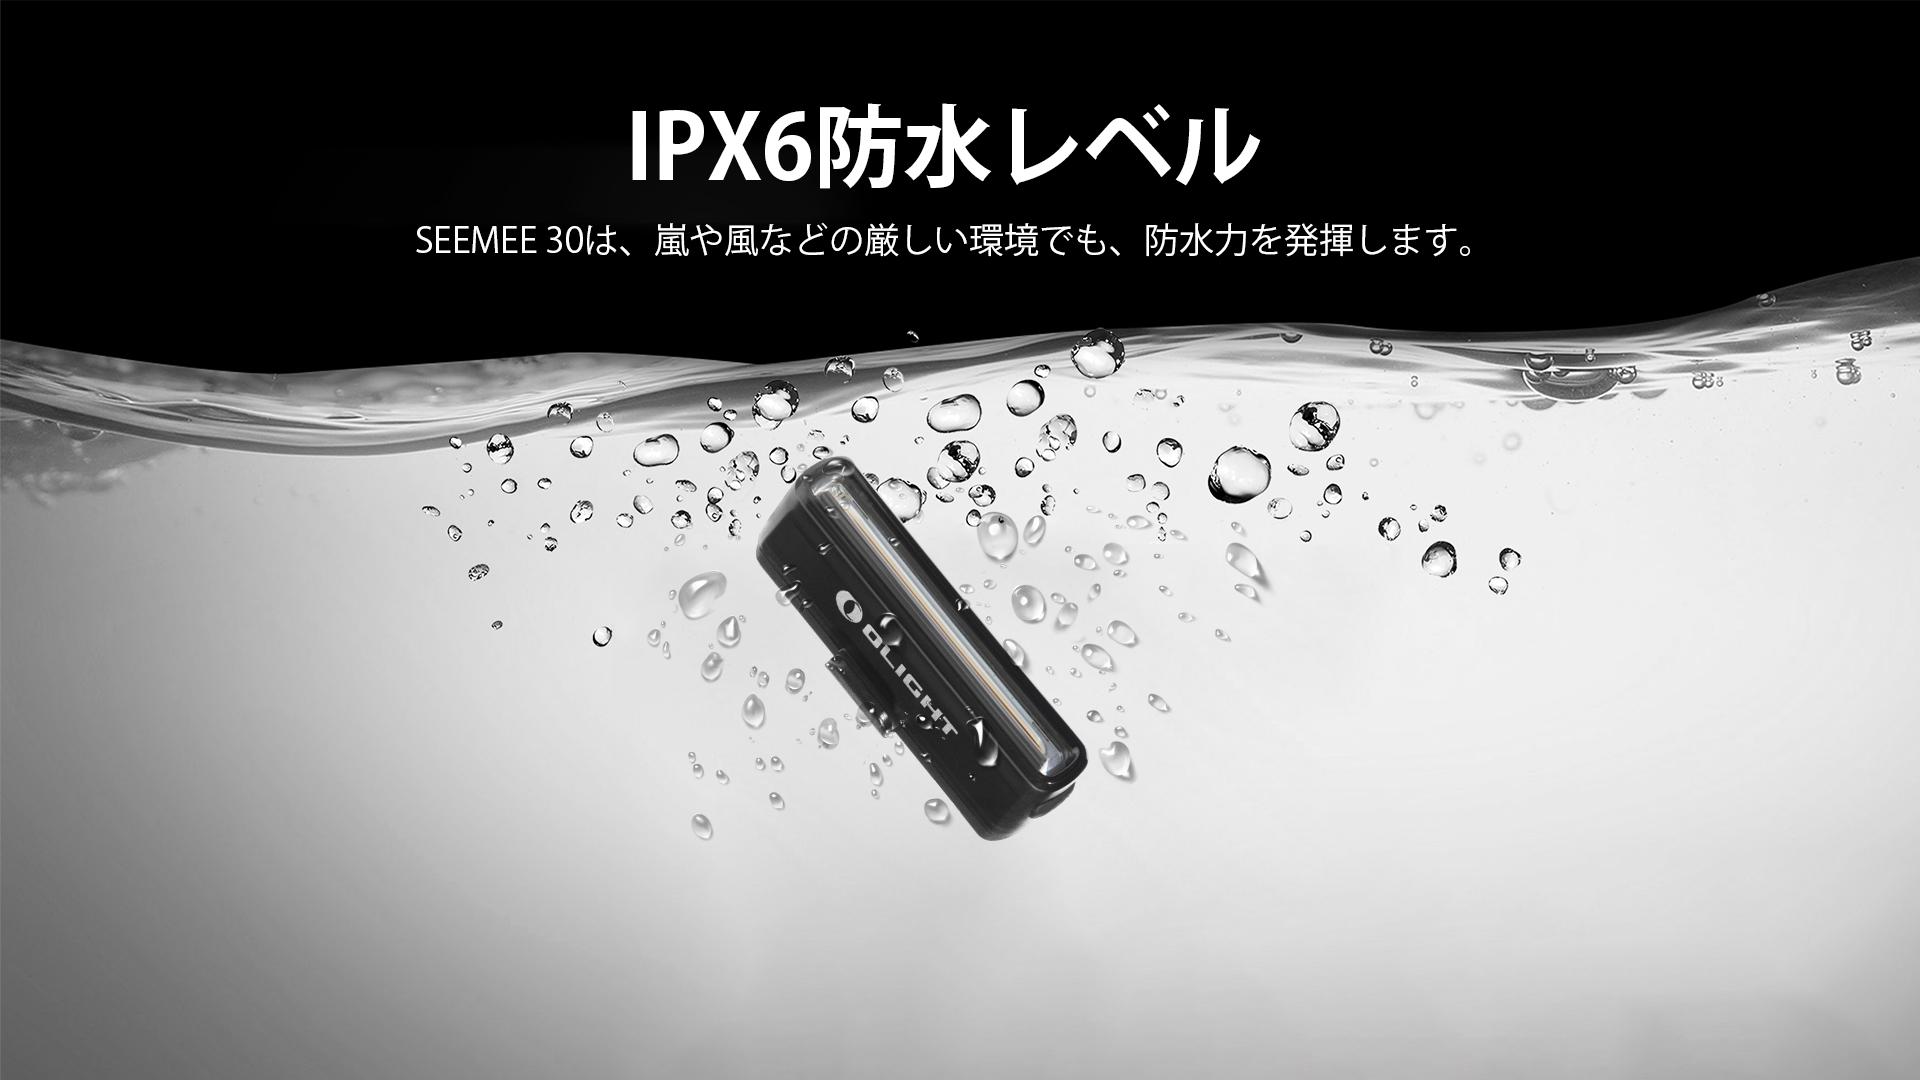 SEEMEE 30 TLはIPX6防水機能を備えており、雨や雪の中でも通常通り使用できます。